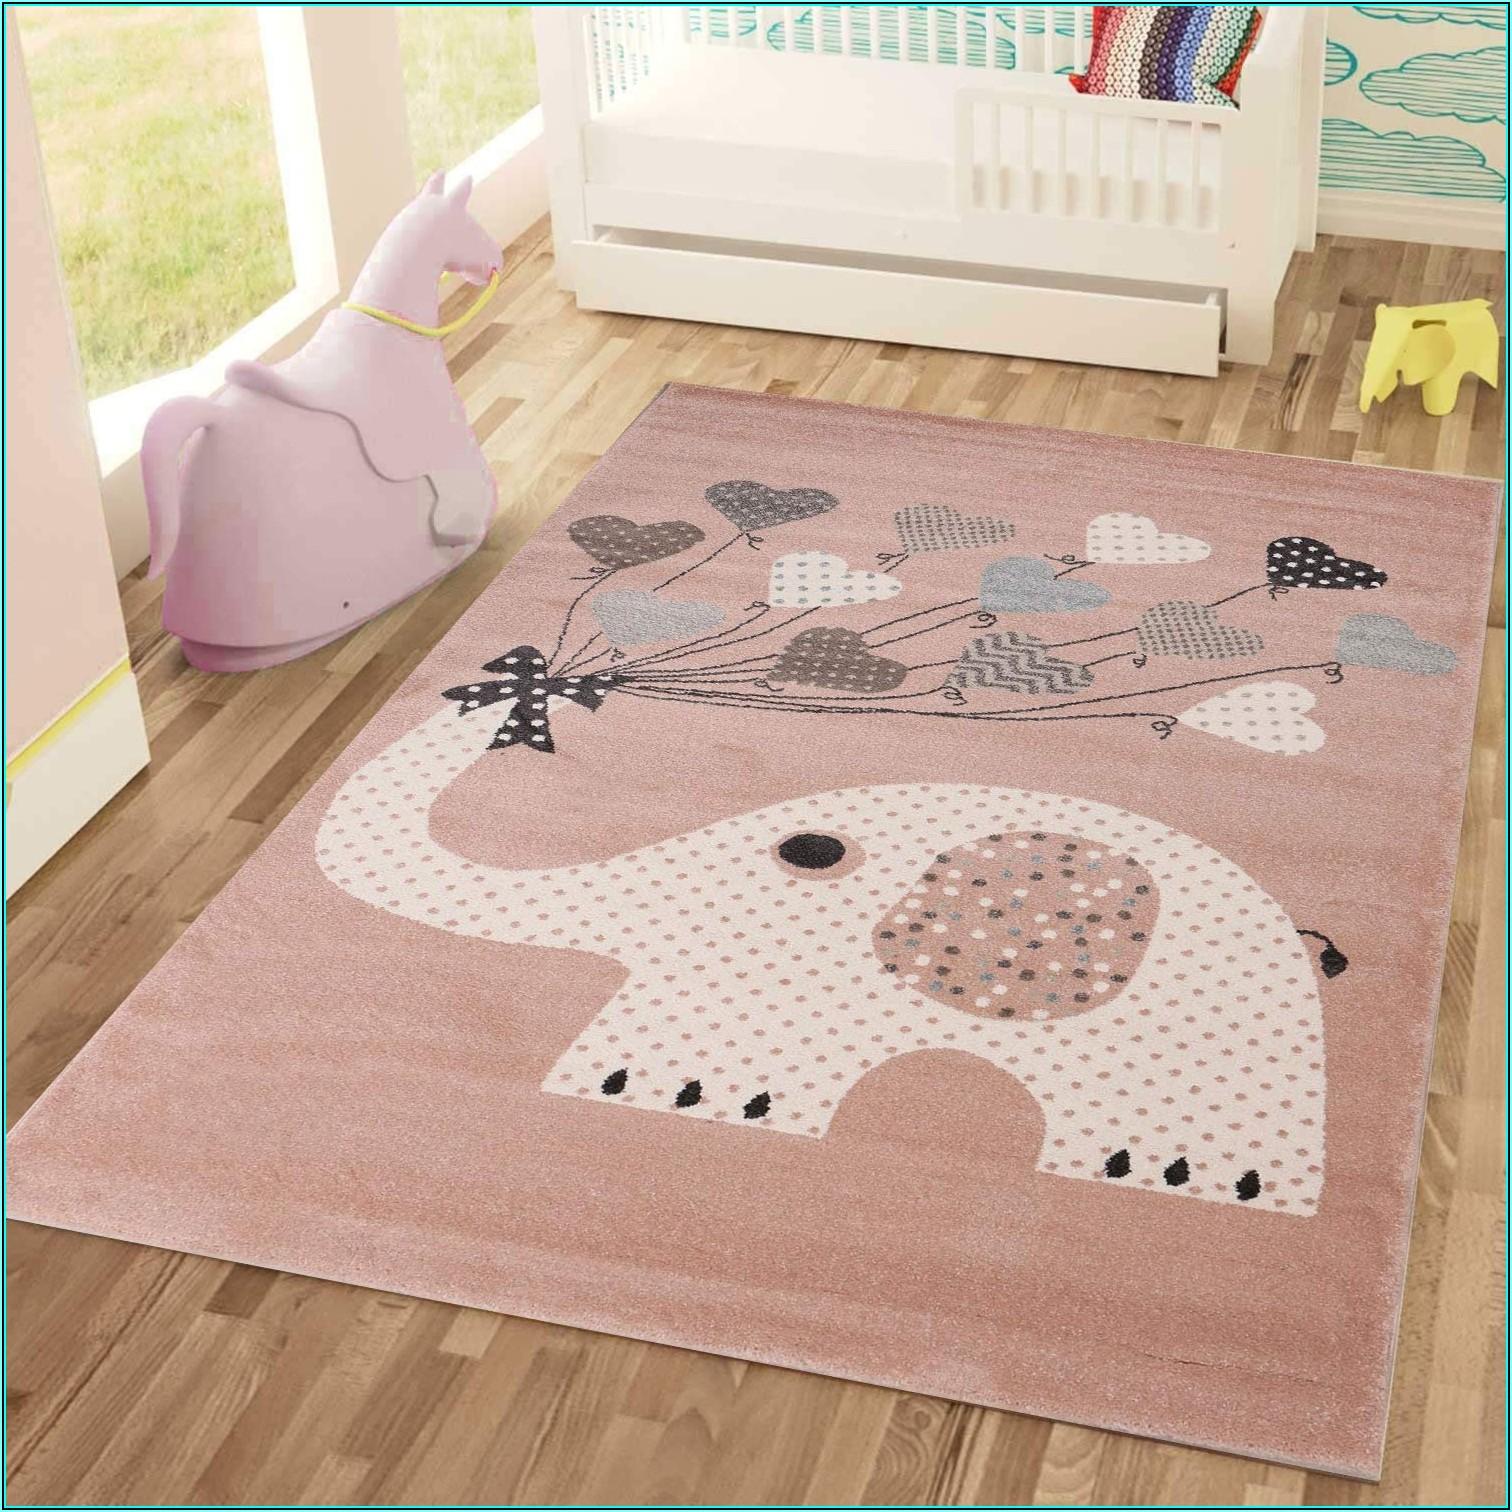 Teppich Für Kinderzimmer Schadstofffrei